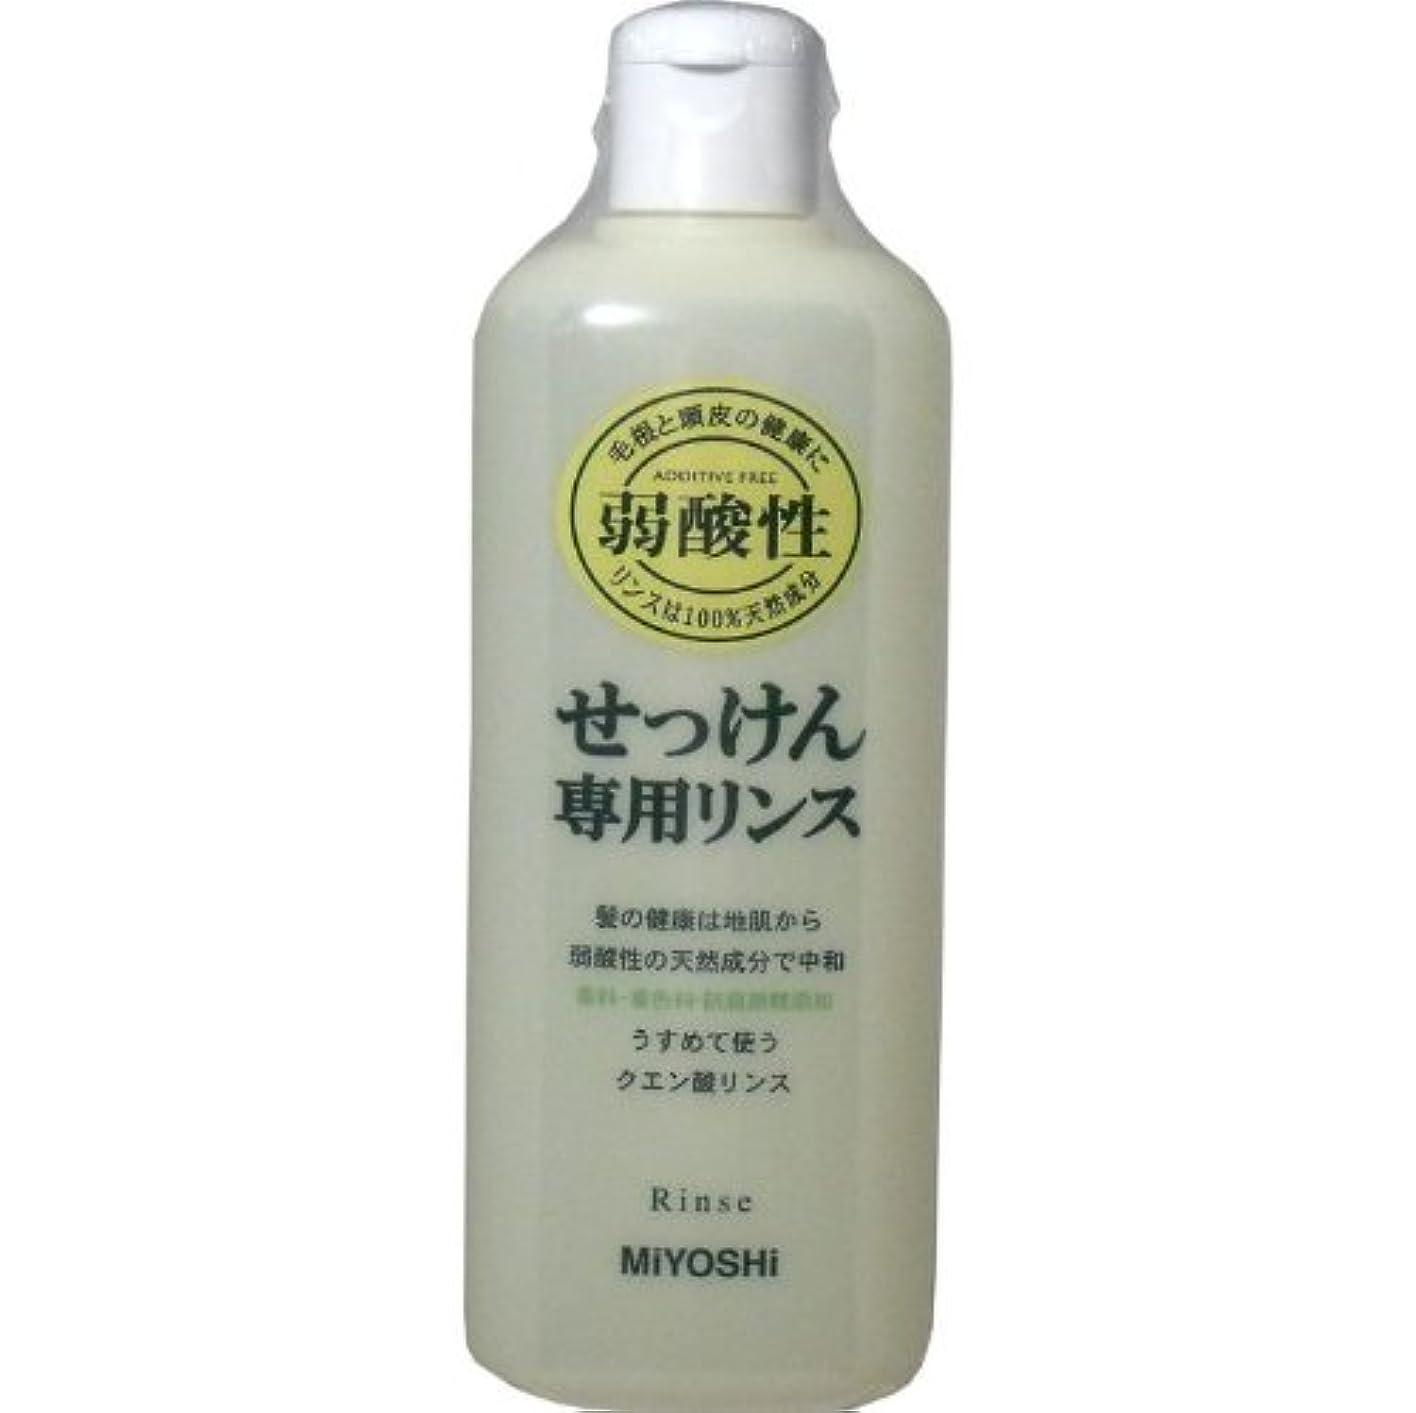 胆嚢肉腫体操髪の健康は地肌から、弱酸性の天然成分で中和!!香料、防腐剤、着色料無添加!うすめて使うクエン酸リンス!リンス 350mL